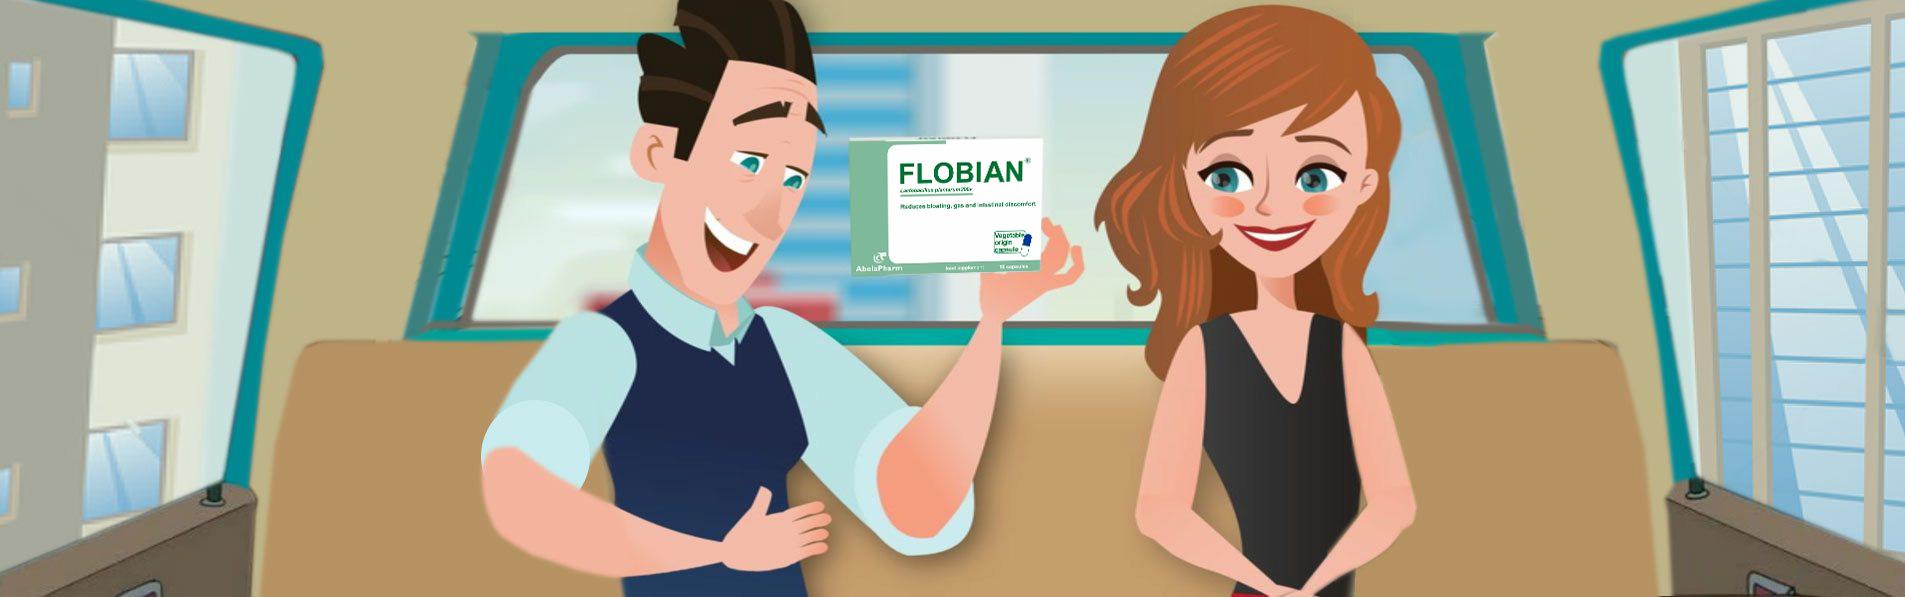 Flobian - Flatulence